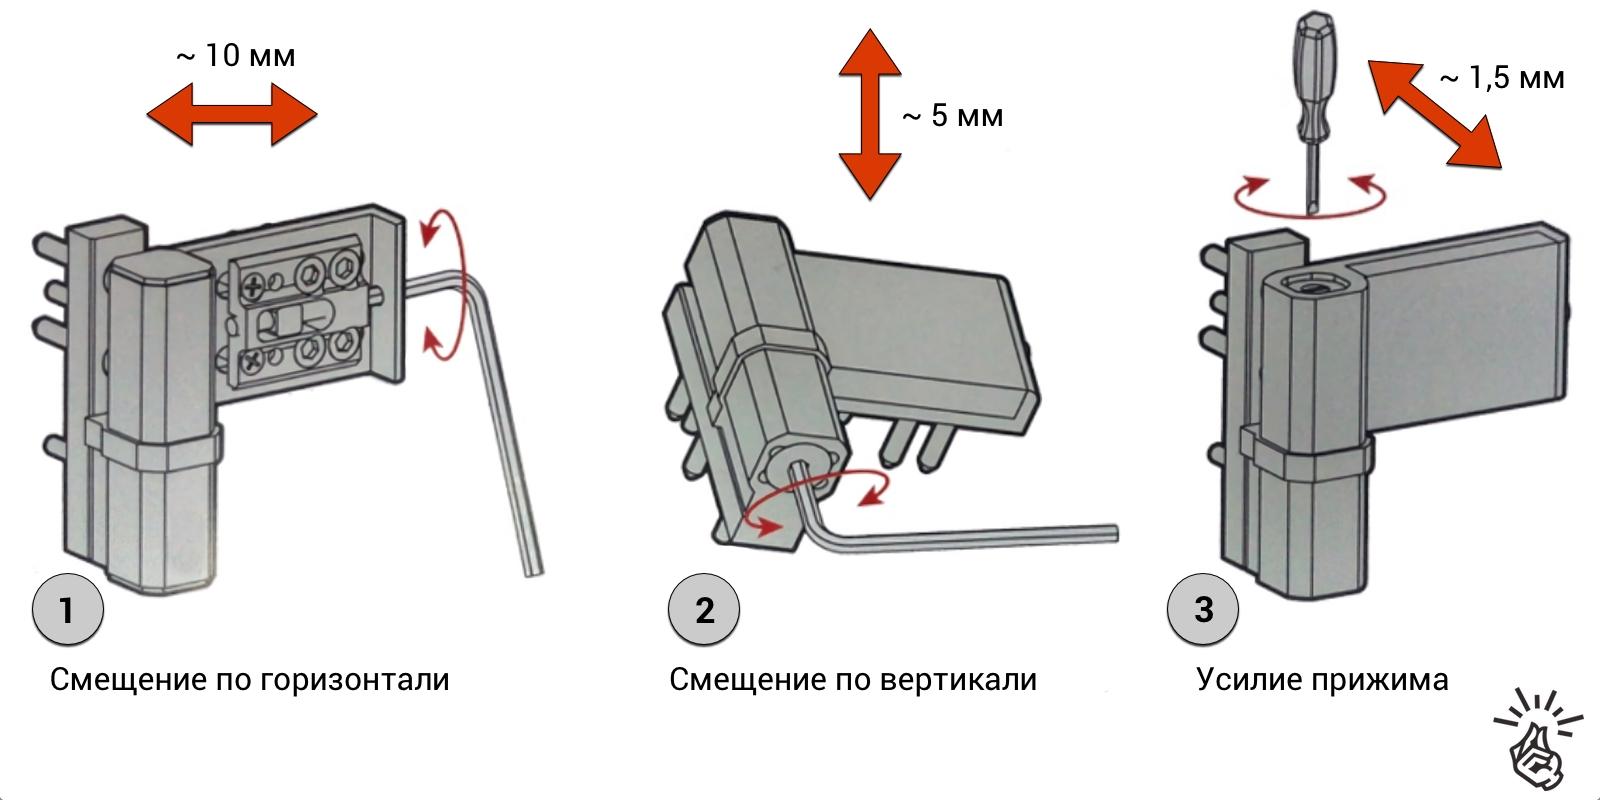 Регулировка пластиковых дверей самостоятельно инструкция с картинками